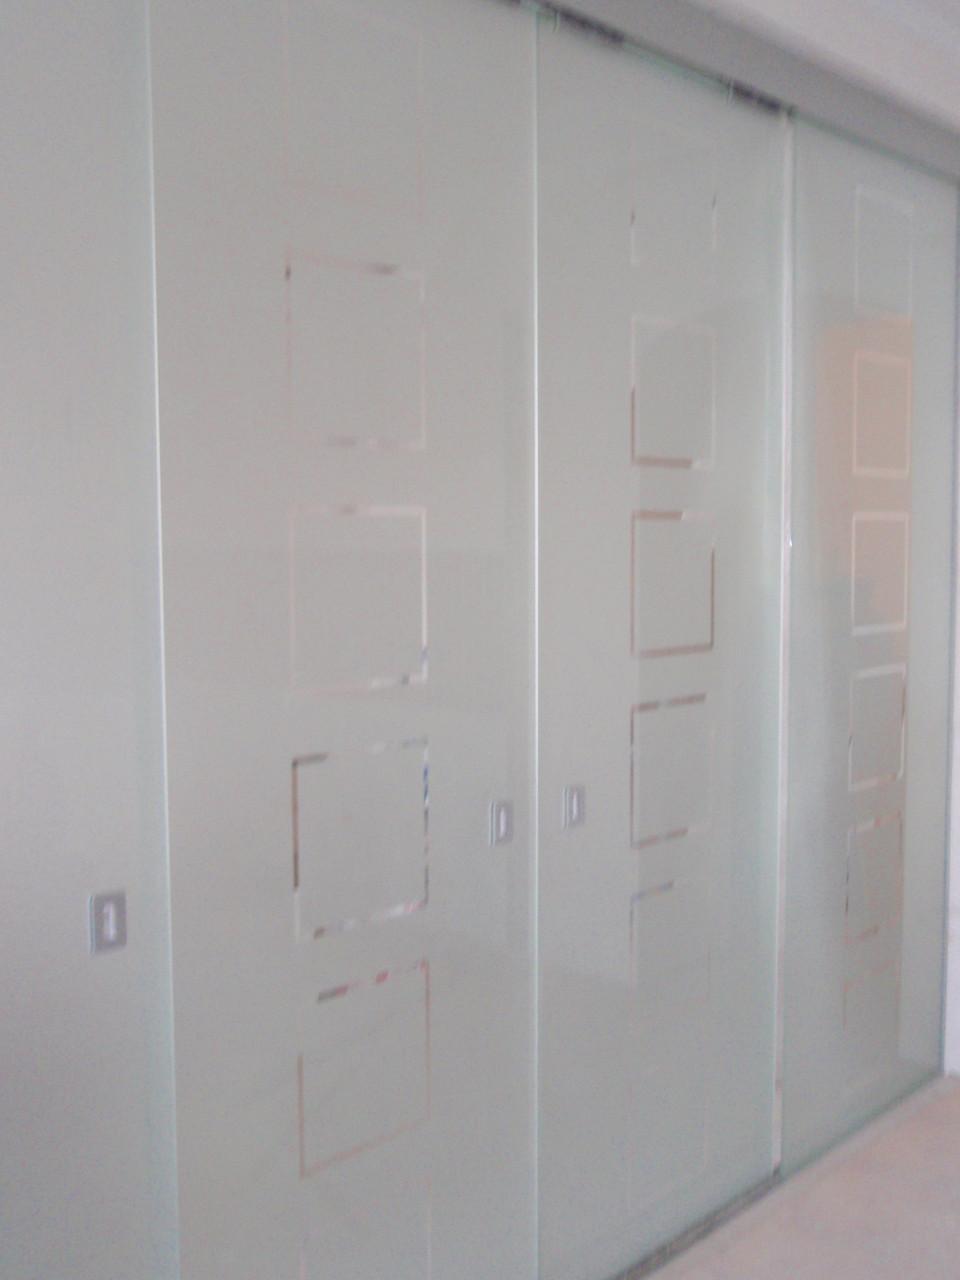 20 Стеклянная раздвижная система из матового стекла - Раздвижная перегородка из стекла - Двери стеклянные разж